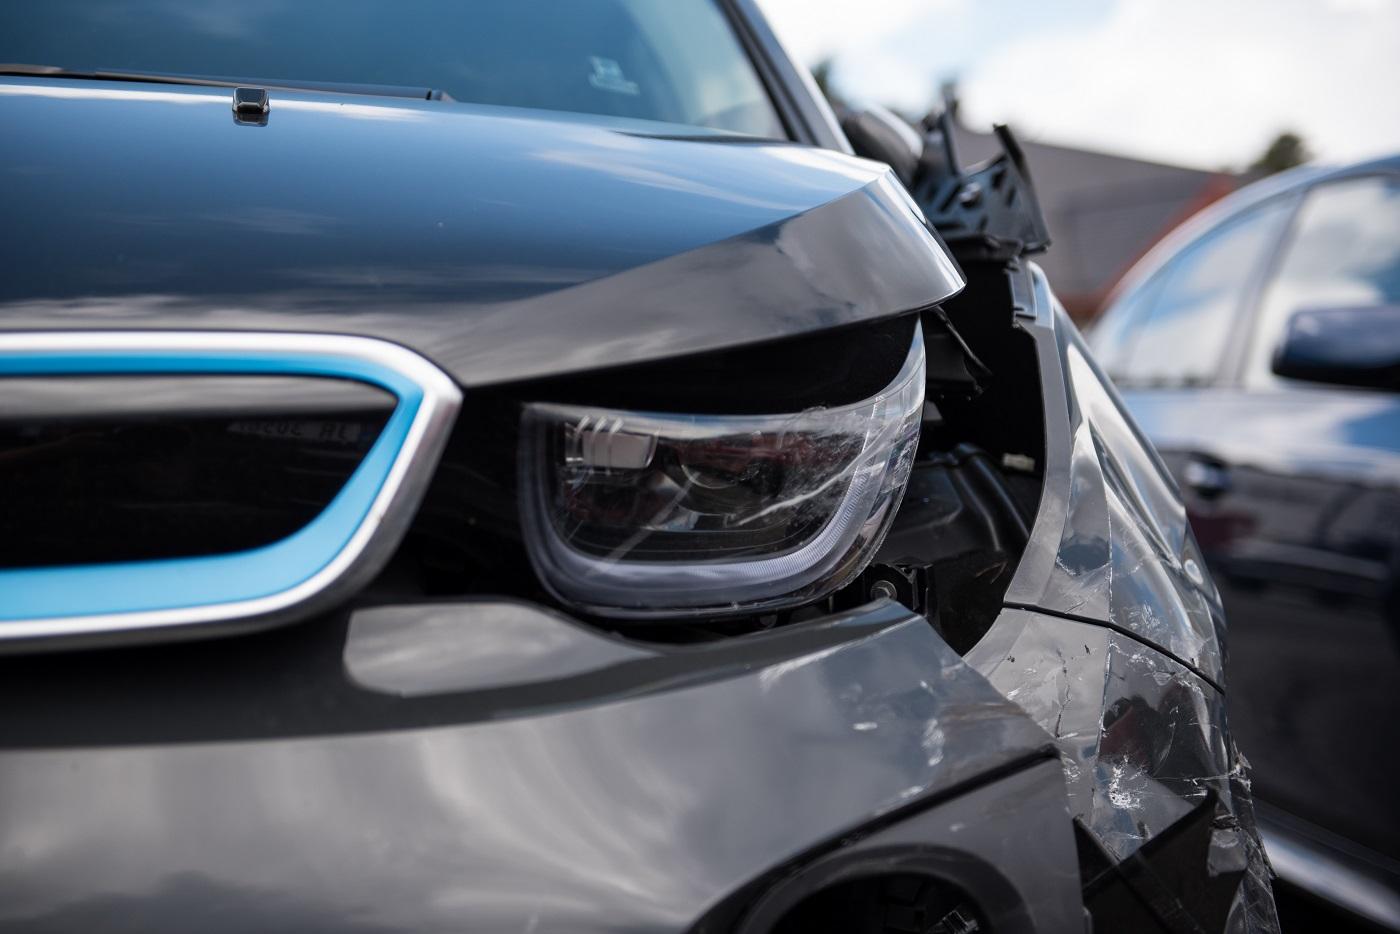 Gjensidige mener konsekvensen av dagens avgiftspolitikk er flere ulykker på norske veier.